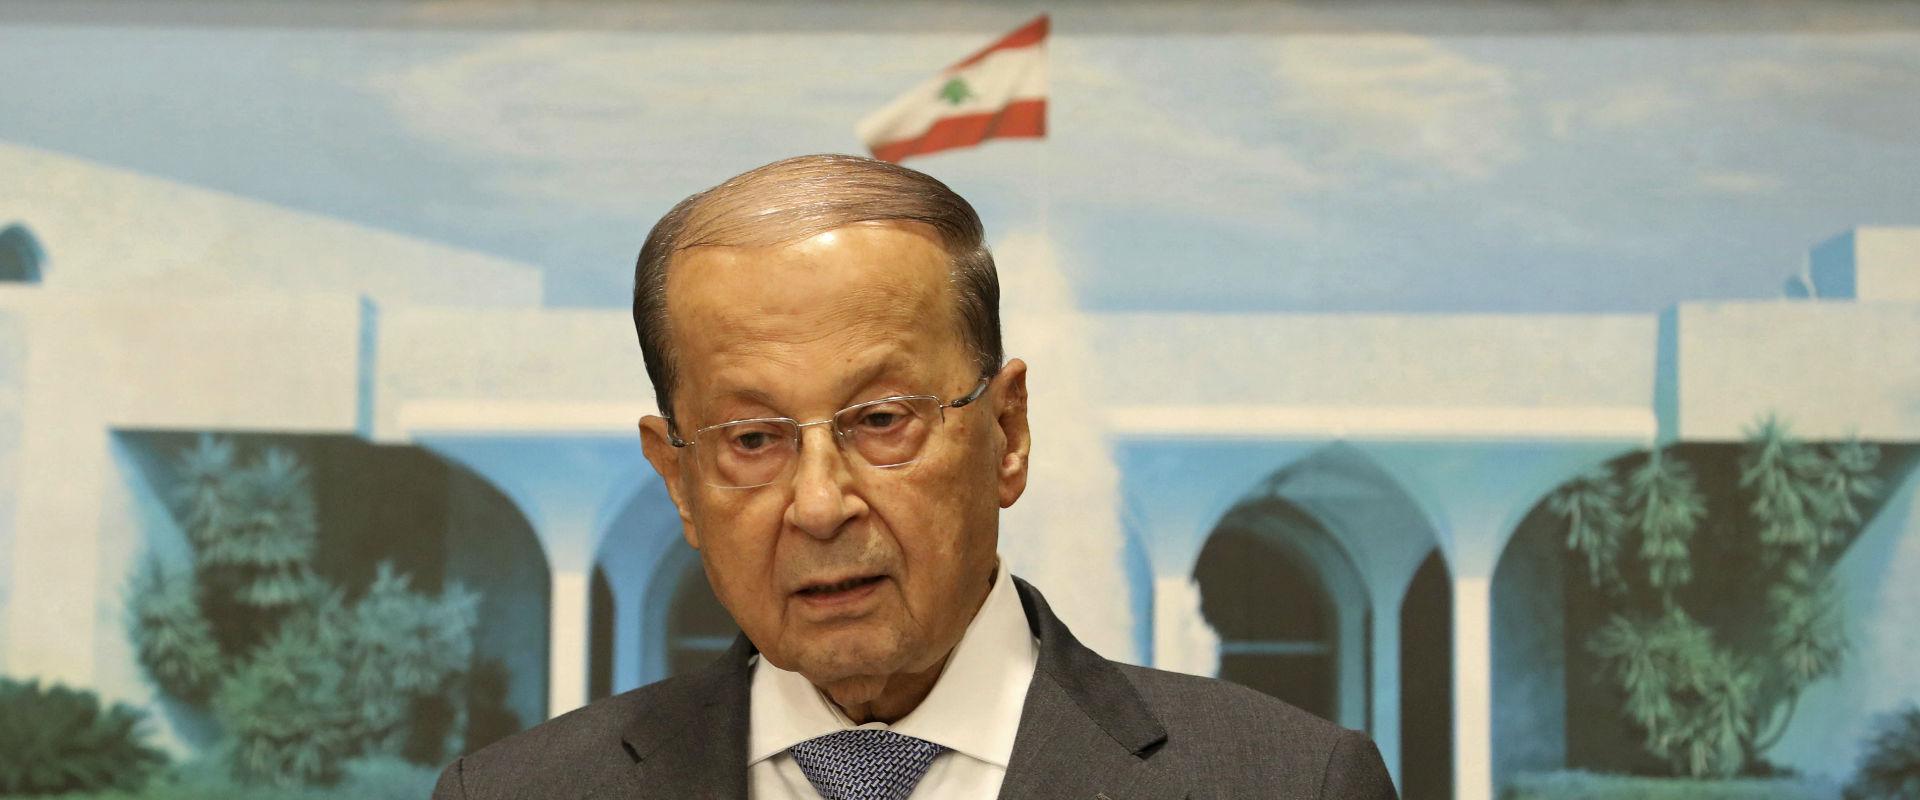 נשיא לבנון מישל עוון